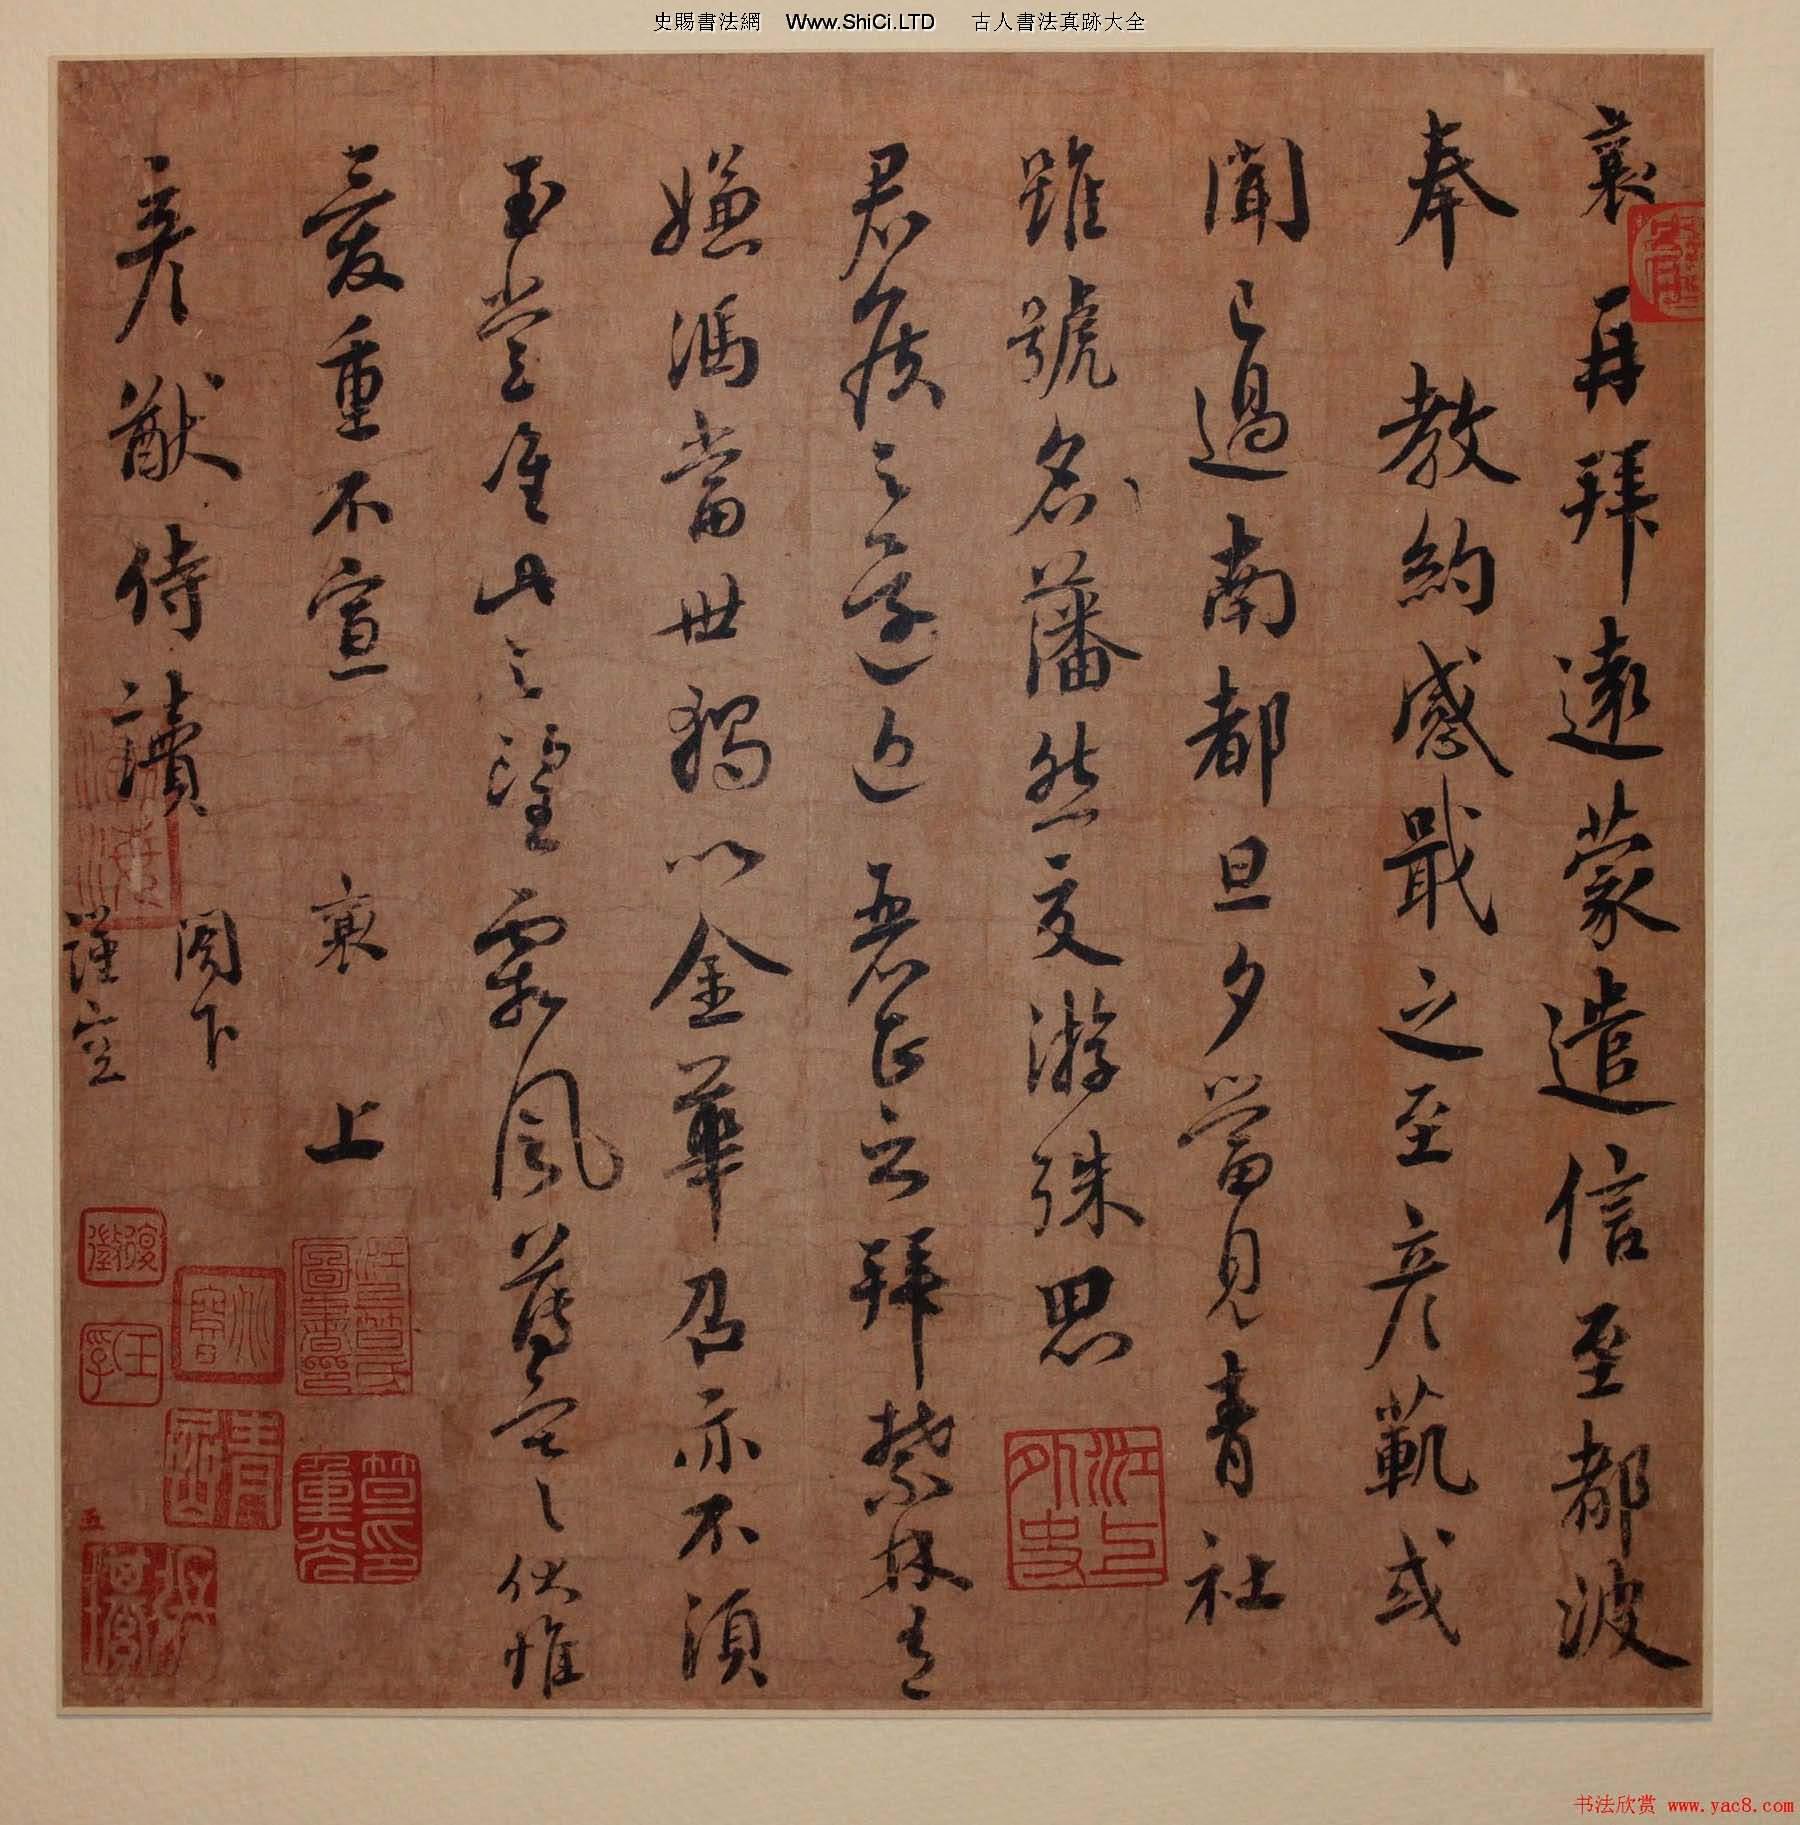 蔡襄書法尺牘真跡欣賞《遠蒙帖》(共3張圖片)